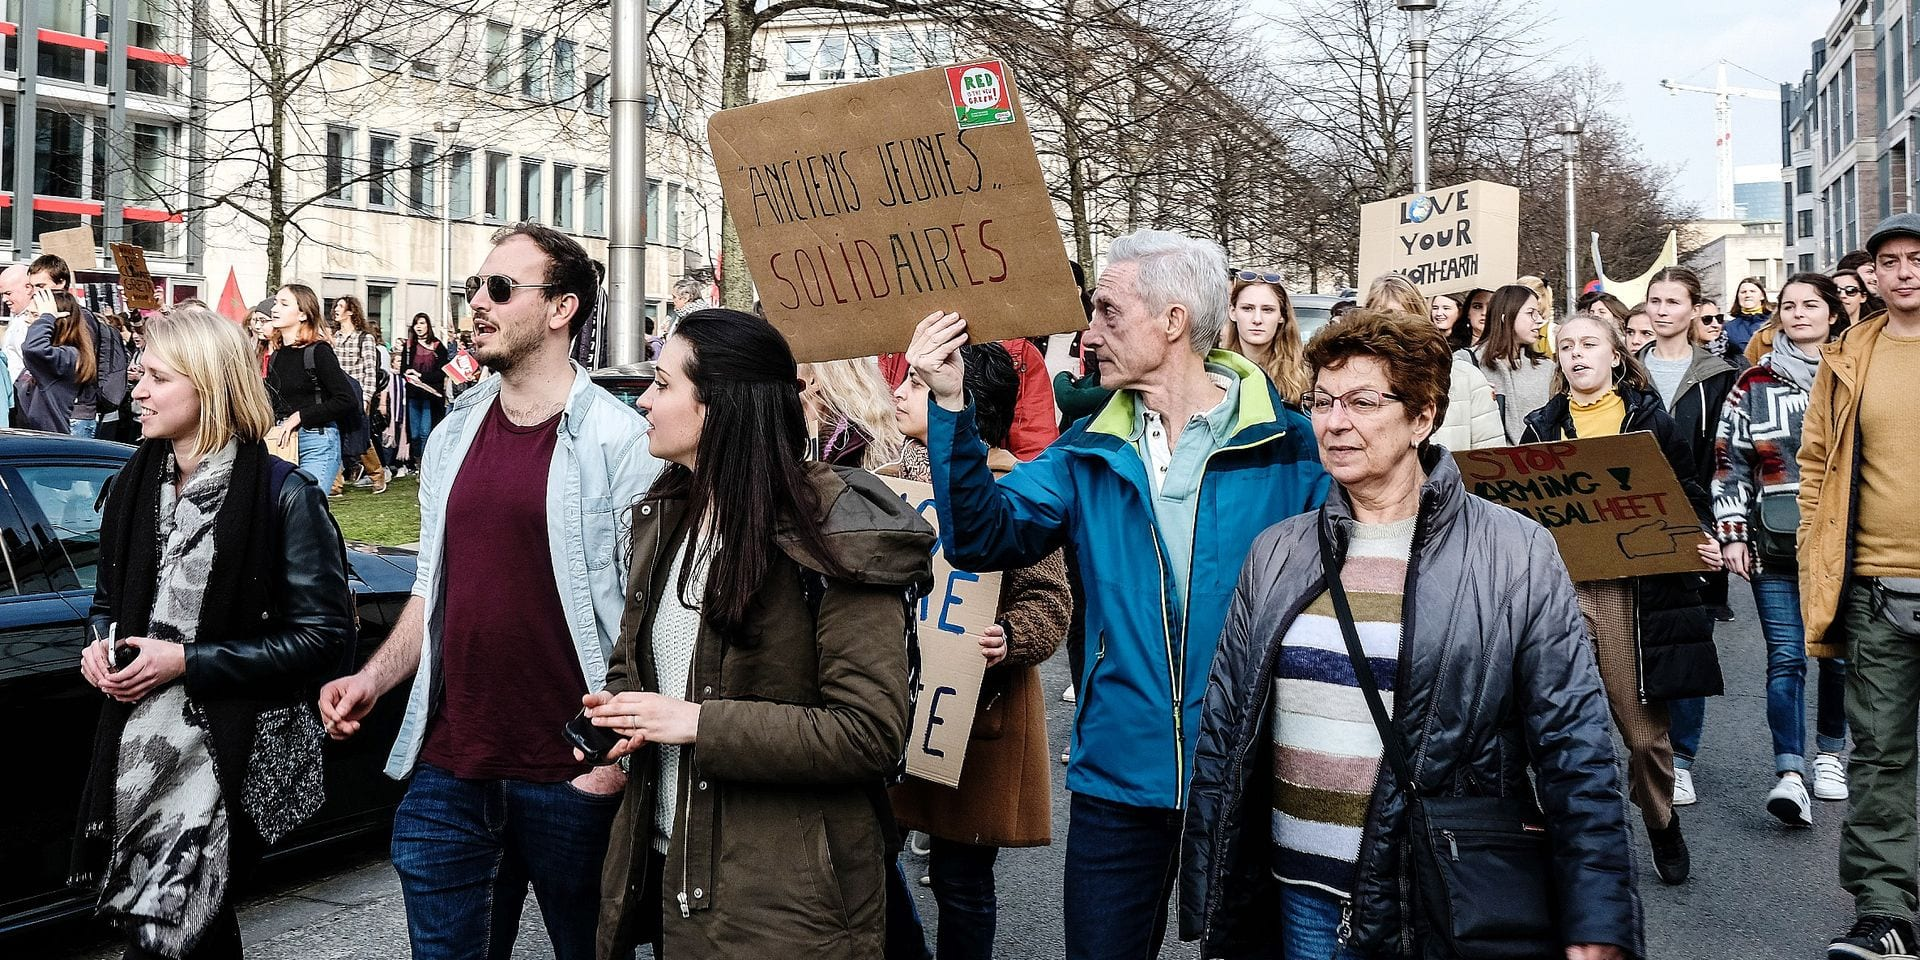 Greta Thunberg participe jeudi à la septième Marche des jeunes pour le climat. La militante suédoise, âgée de 16 ans, a été accueillie en héroïne. Selon notre journaliste sur place, la jeune fille a été assaillie par les médias à son arrivée, et un cordon de sécurité a été mis en place autour d'elle alors que des centaines de jeunes scandaient son nom.